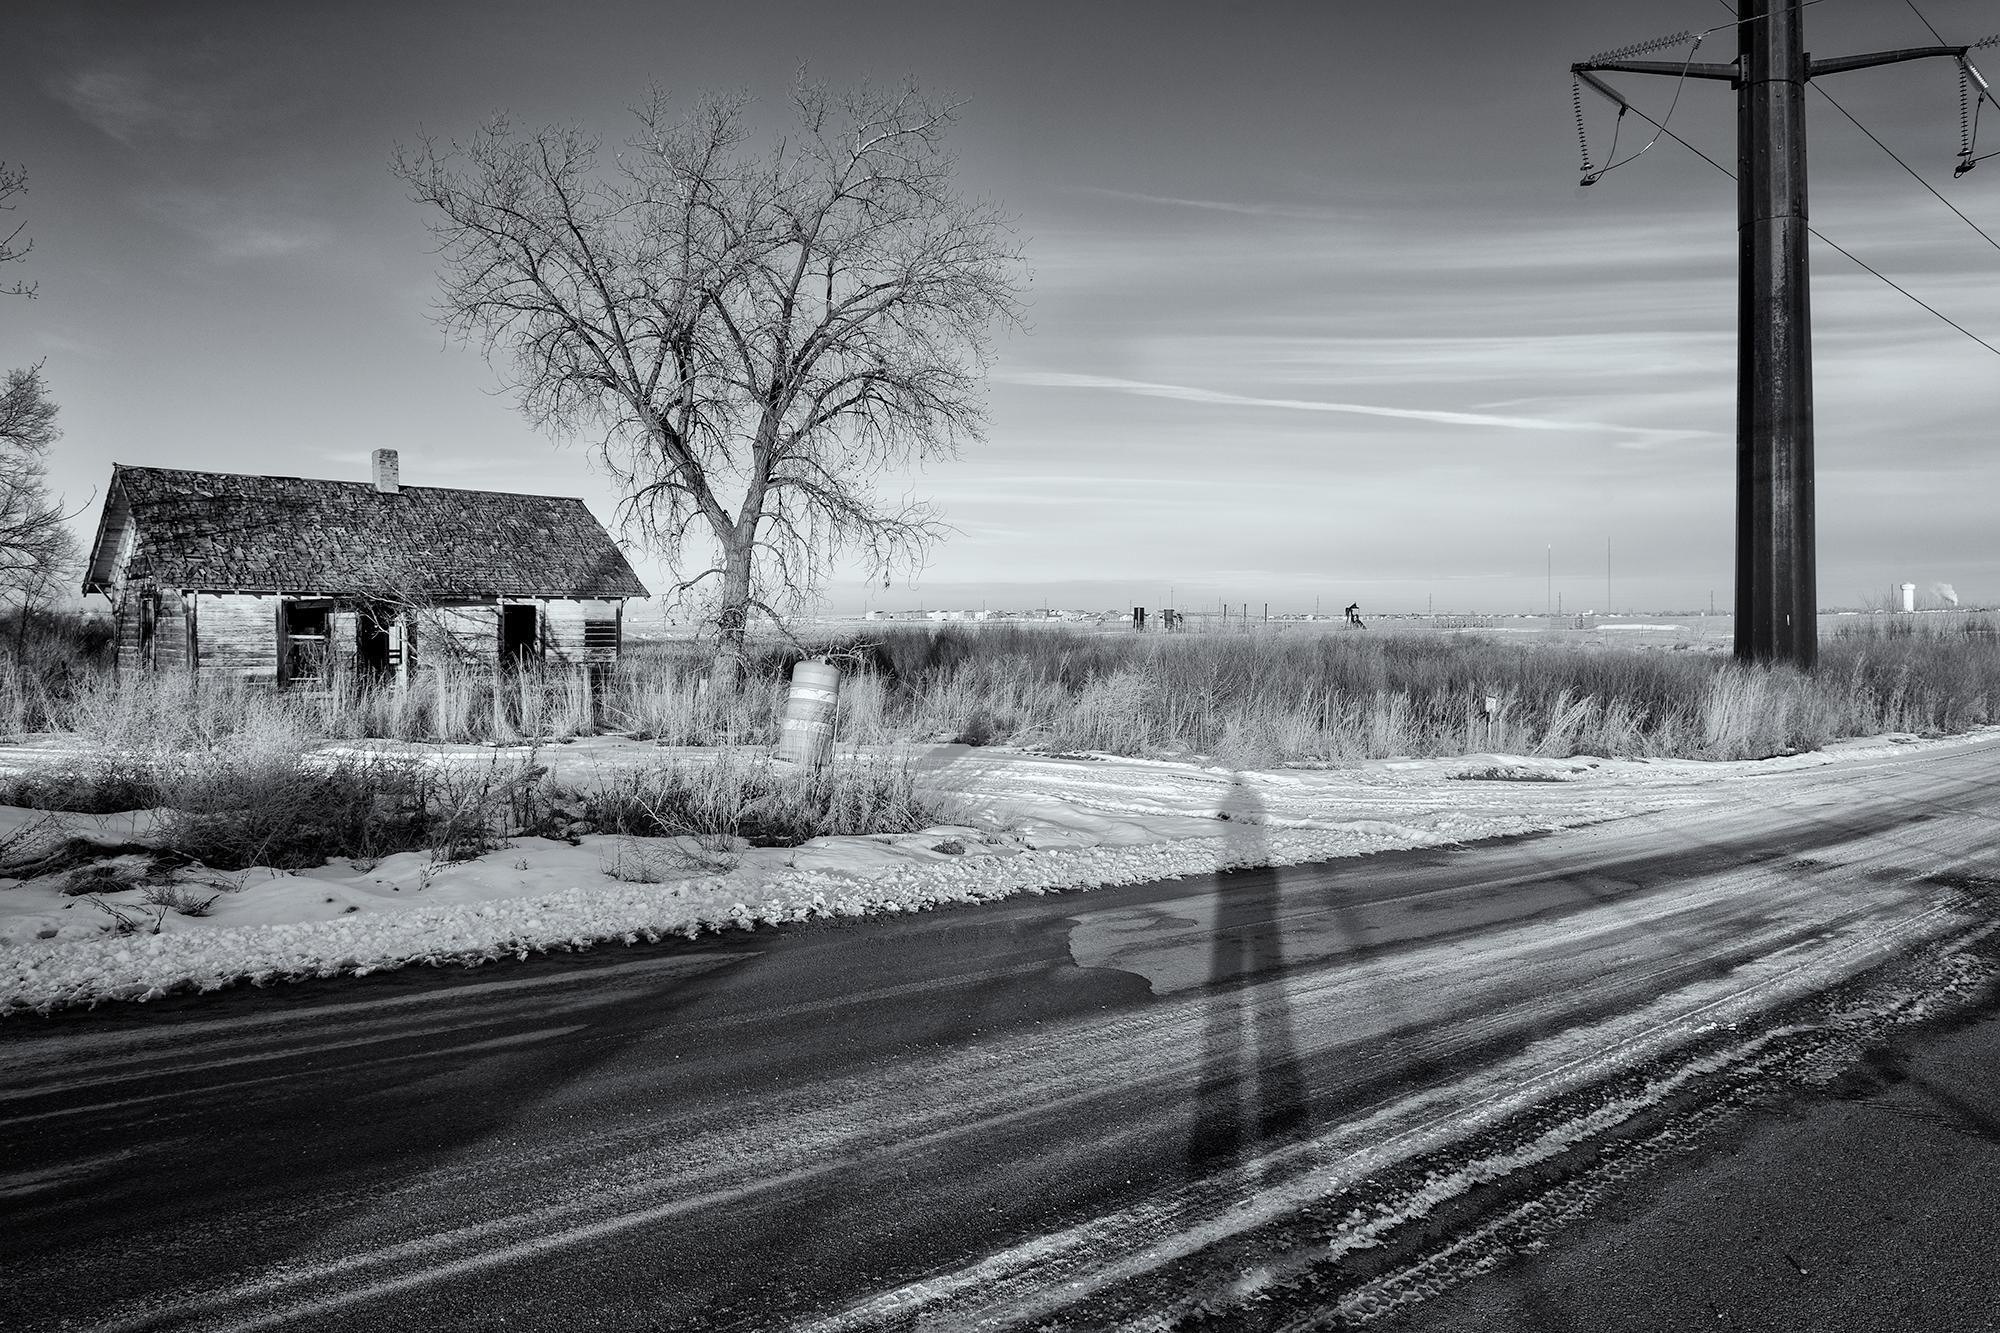 Homestead Decay, Grandview Blvd, Dacono. Weld County, Colorado, 2015